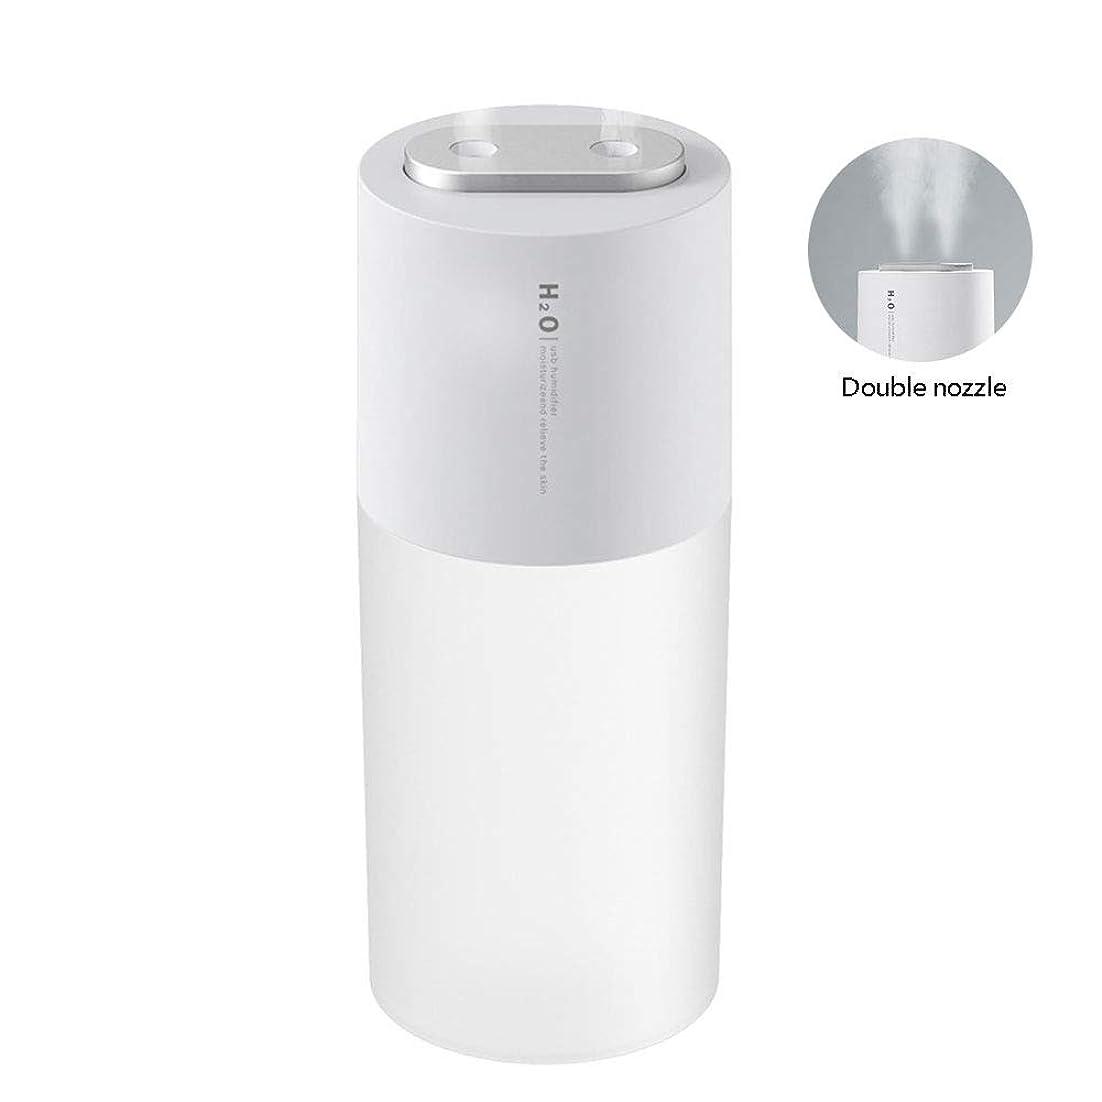 下る大きさ遠いUSB加湿器、デュアルノズル超音波空気加湿、ワイヤレス使用、大容量400ml、夜間照明付きアロマディフューザー、家庭、オフィス、車で使用,白